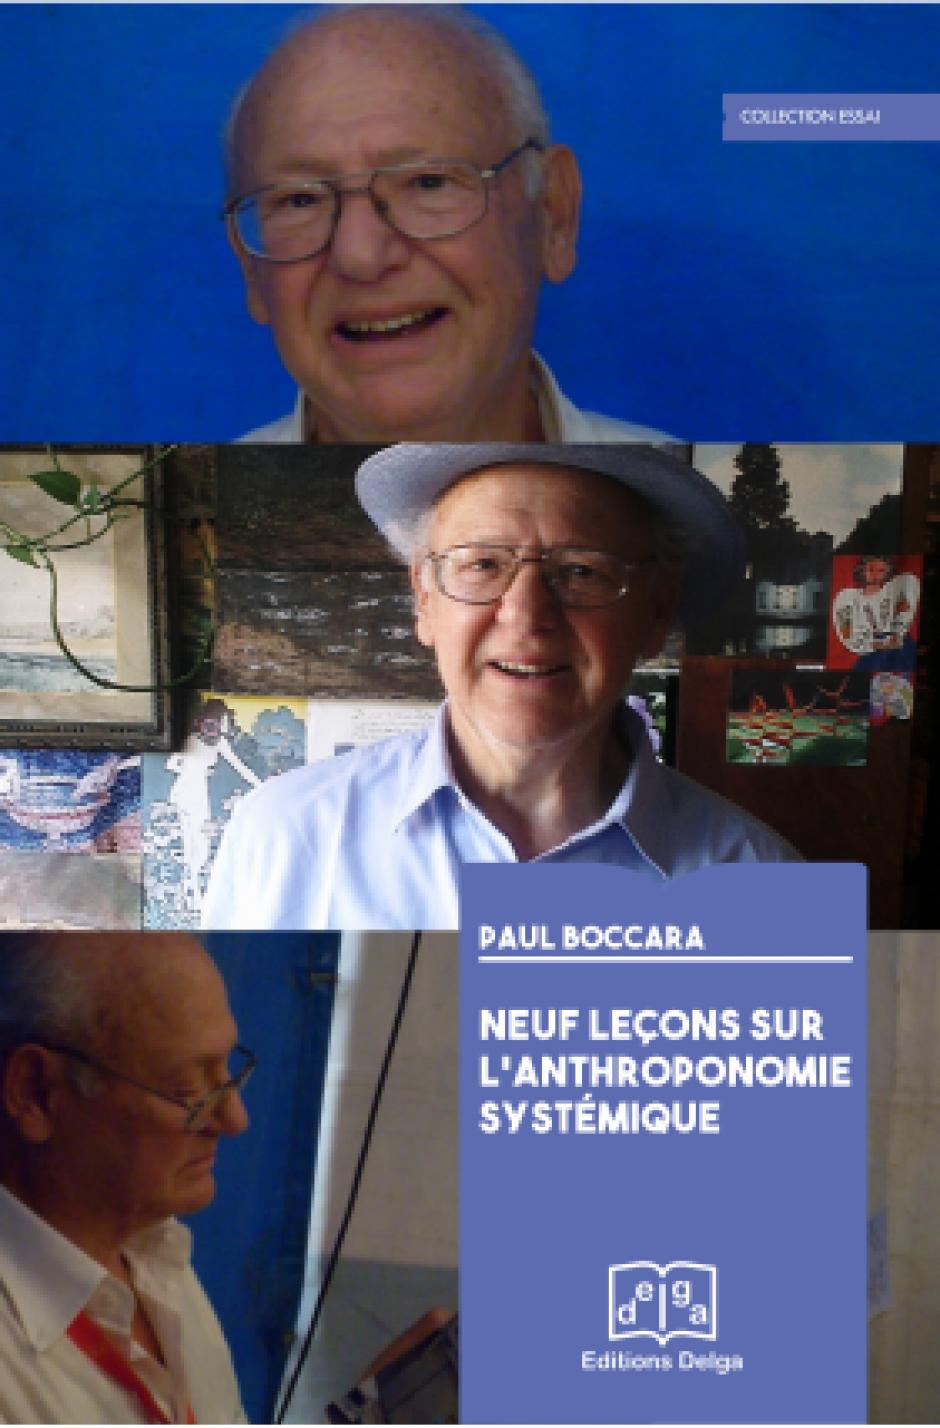 Neuf leçons sur l'anthroponomie systémique de Paul Boccara